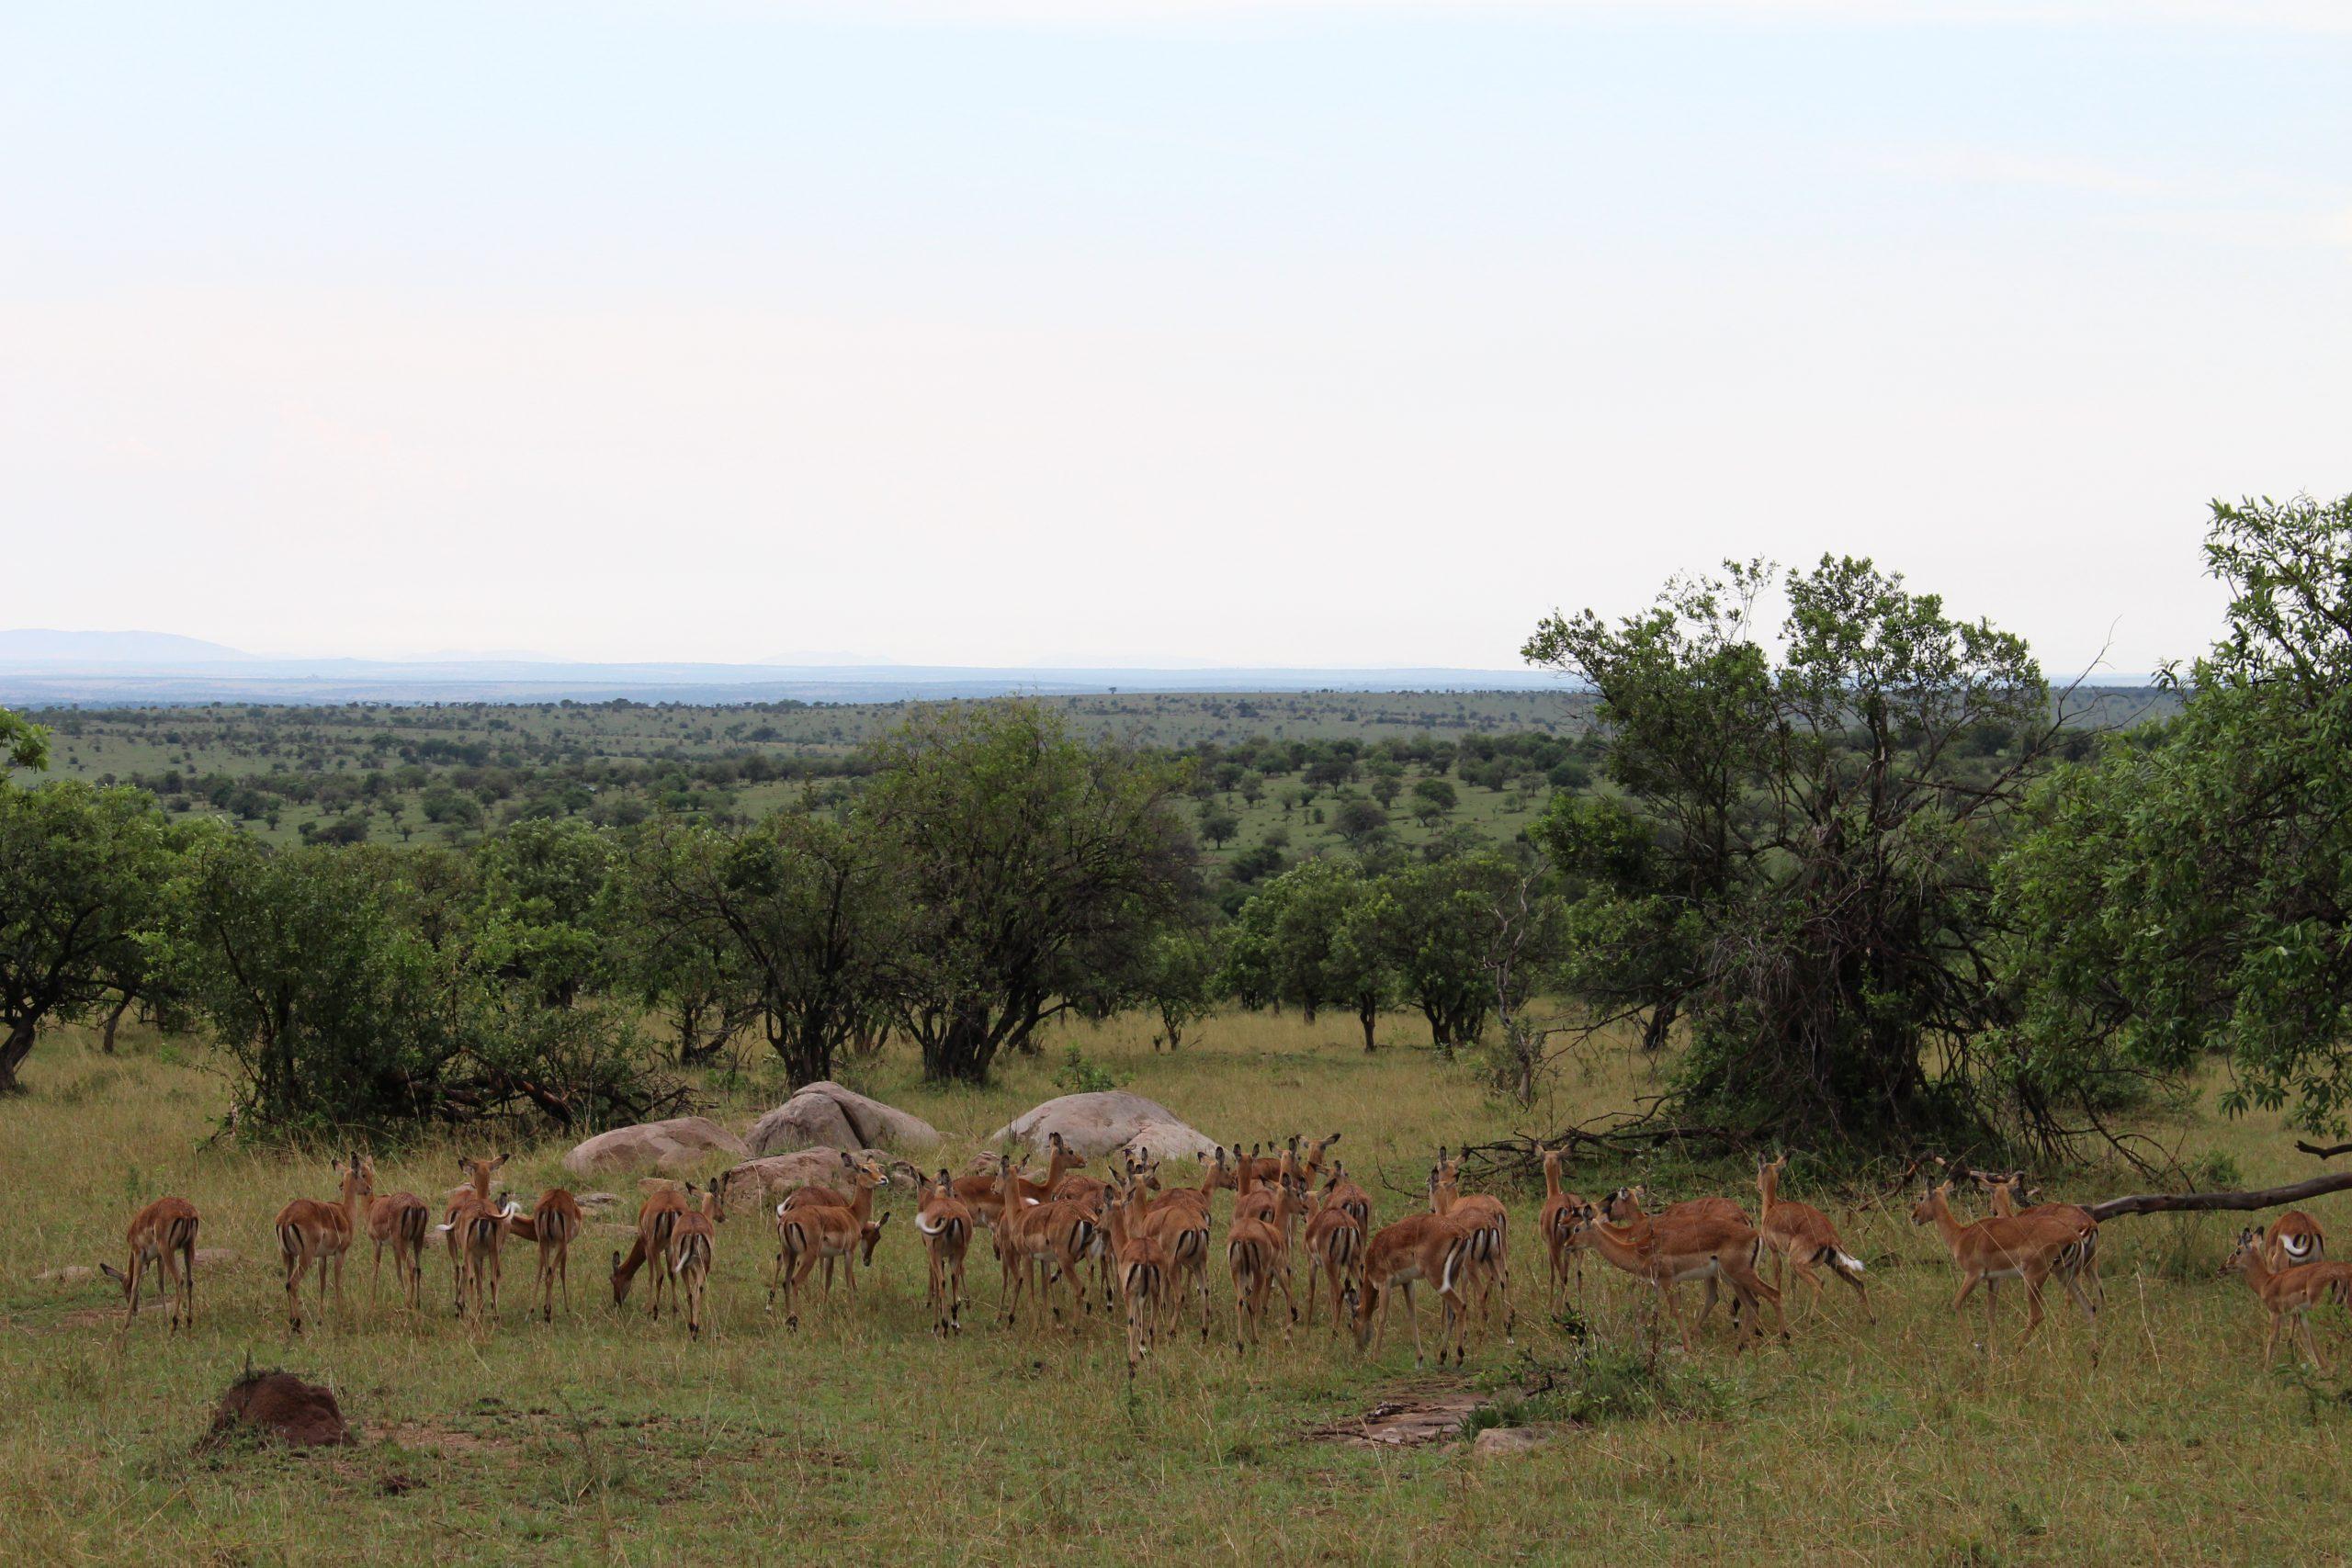 grande_migracao_alces_serengeti_2